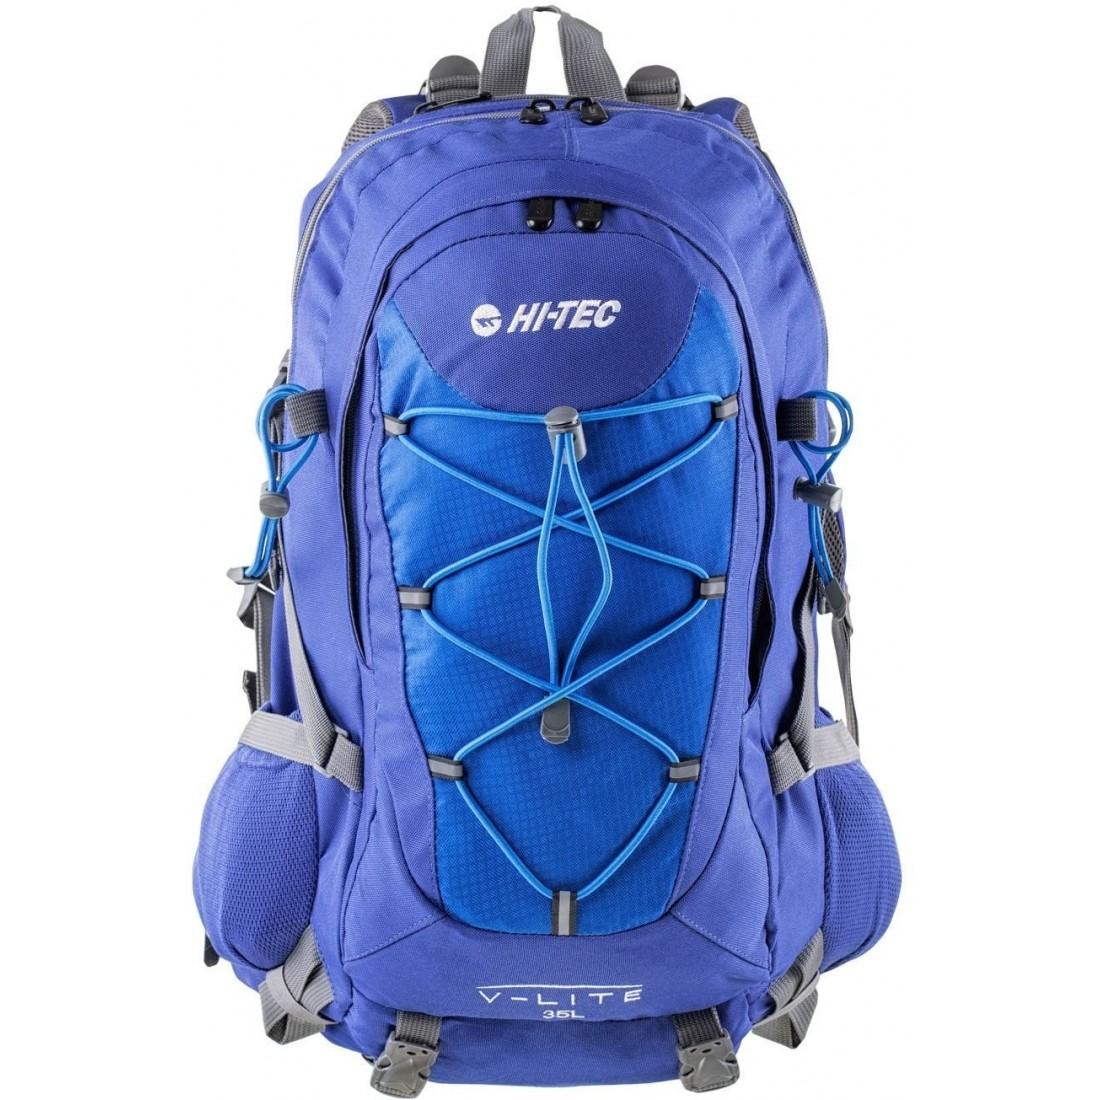 32a2c08385ac0 Plecak na wyjazd w góry Hi Tec Aruba 35 litrów niebieski - plecak ...